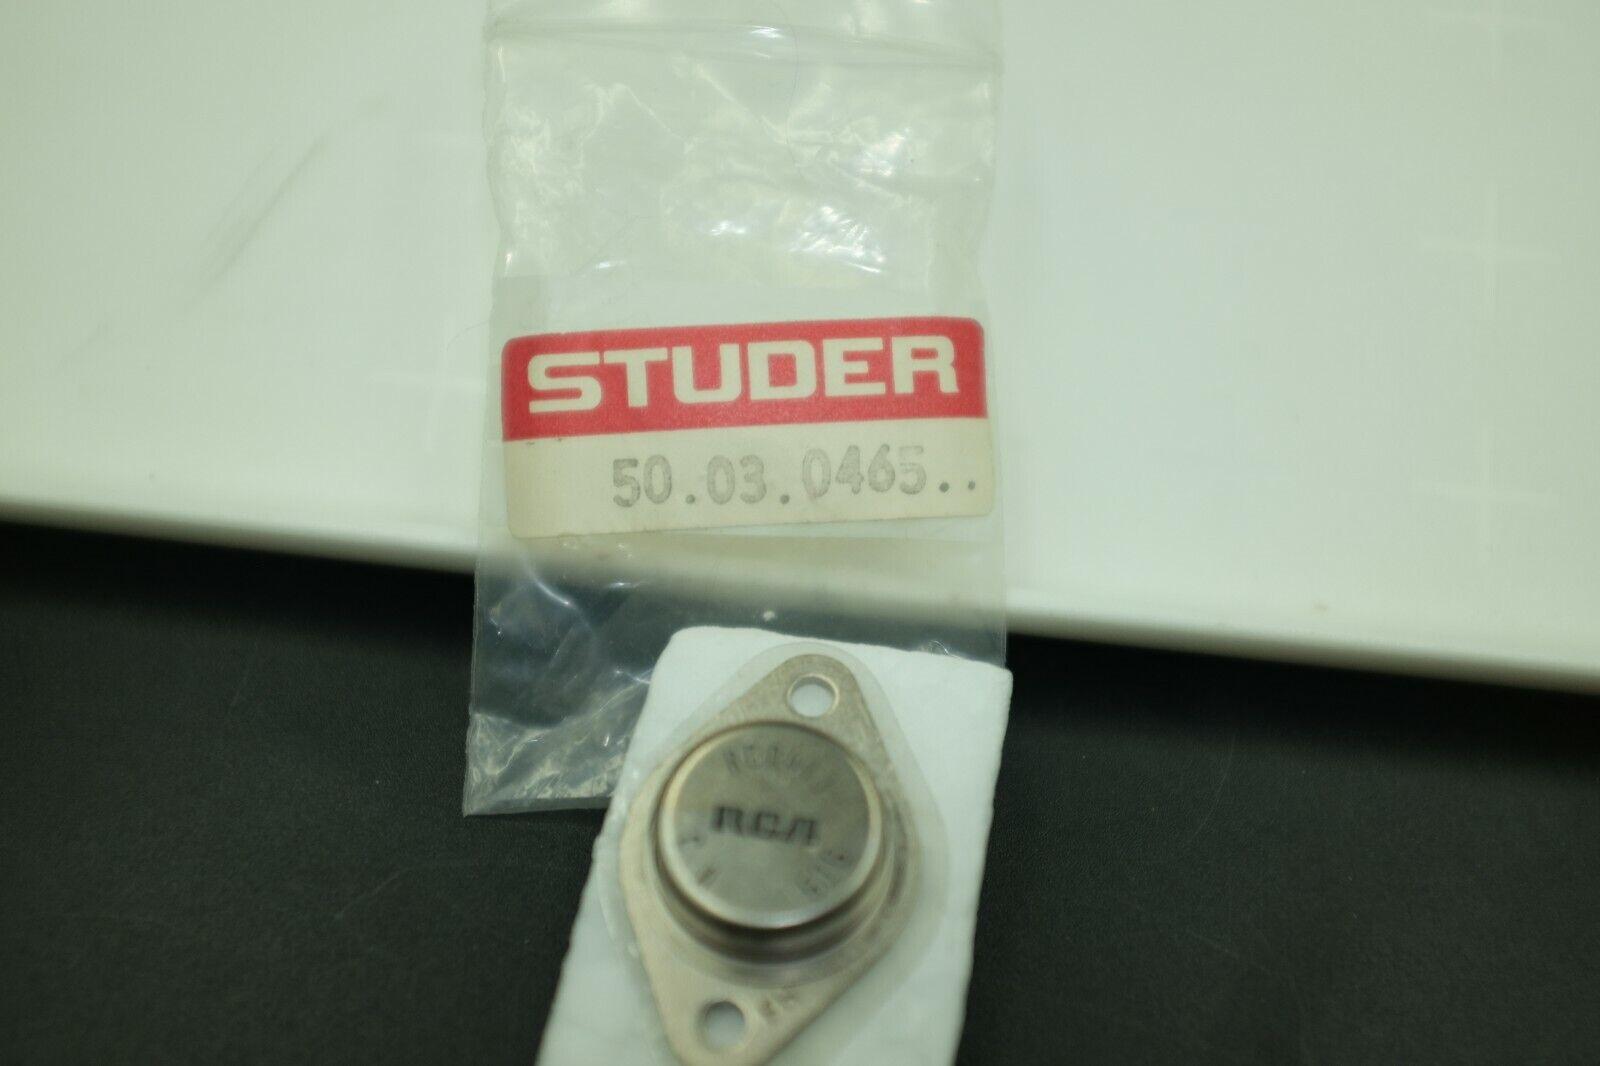 STUDER 50.03.0465.. ORIGINAL PART TRANSISTOR MJ-15024 A80 A800 NOS / NEW RARE